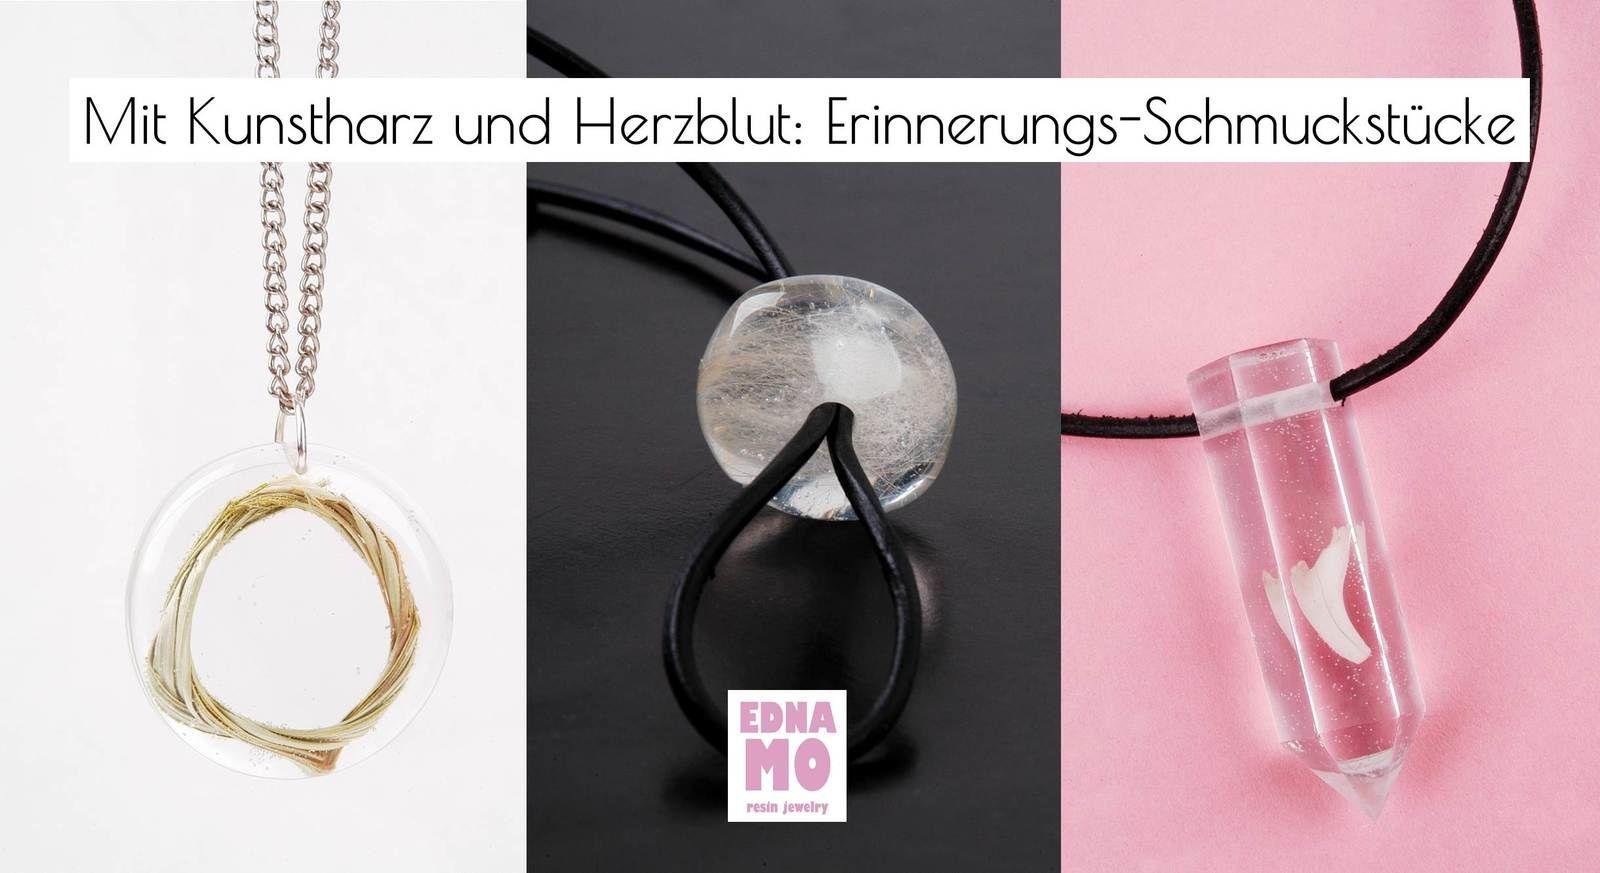 Mit Kunstharz und Herzblut -  Erinnerungsstücke in Kunstharz (Grasring, Fell und Milchzahn)